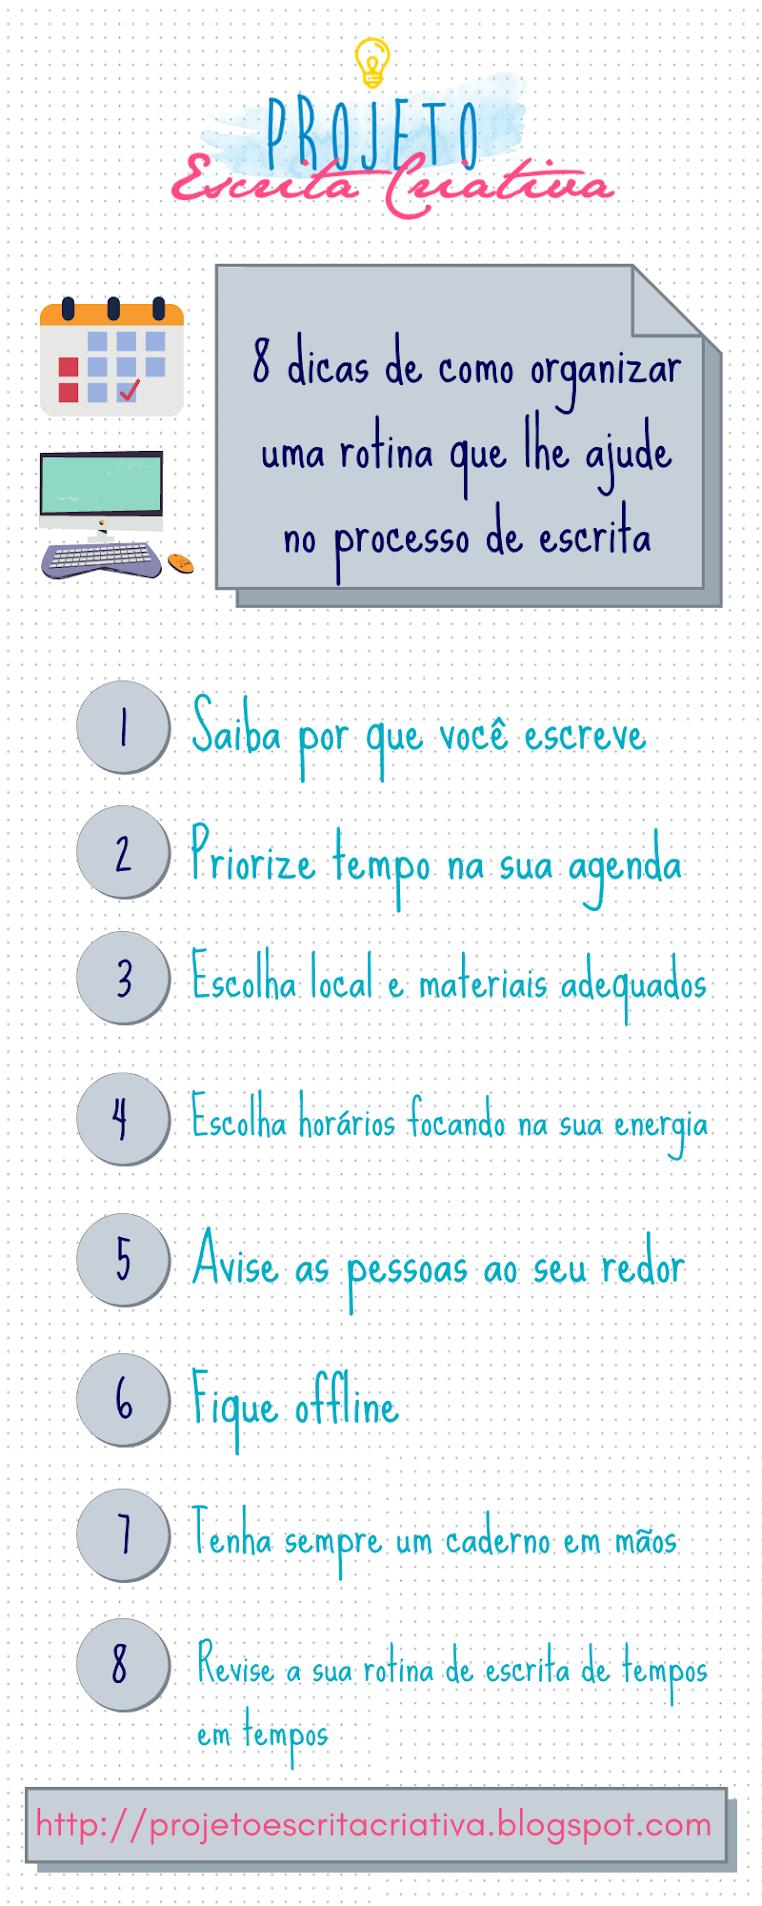 Infográfico para download com 8 dicas de como organizar uma rotina de escrita